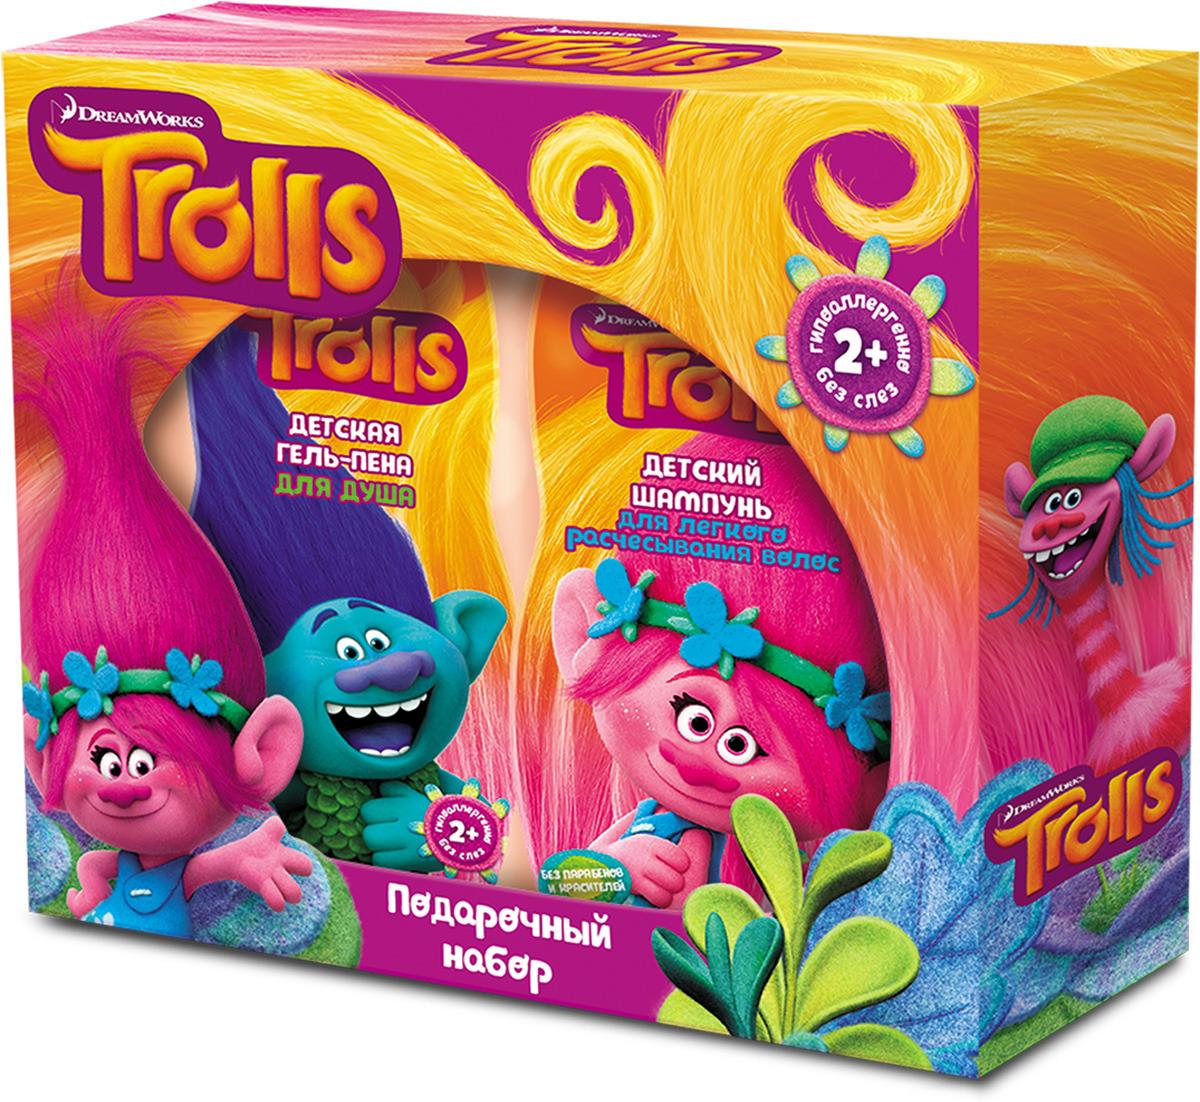 Подарочный набор Trolls шампунь для легкого расчесывания волос, 300 мл + гель-пена для душа, 300 мл bath therapy 2 в 1 детский гель для душа и шампунь для волос взрывной апельсин 500 мл